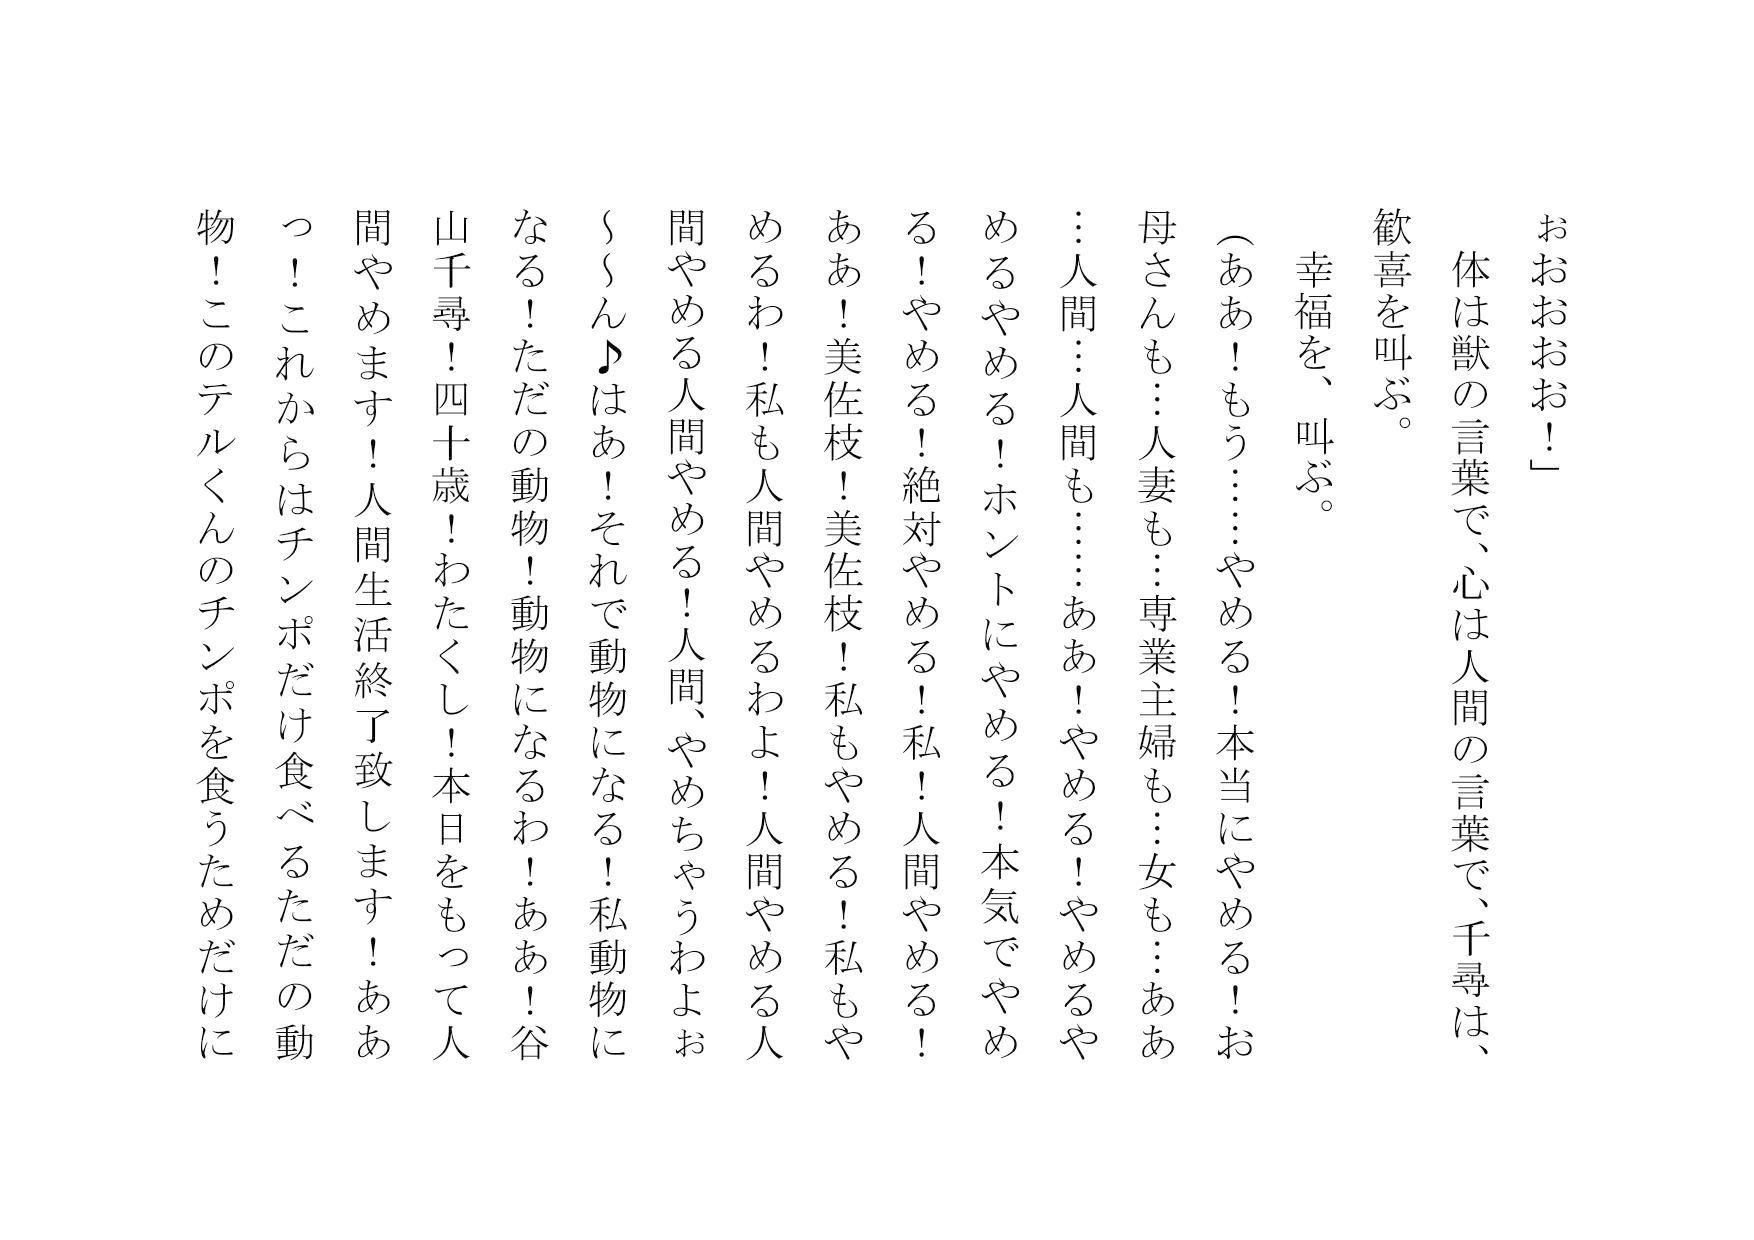 チャラ男のデカチンポの虜になったお母さん〜陥落編〜